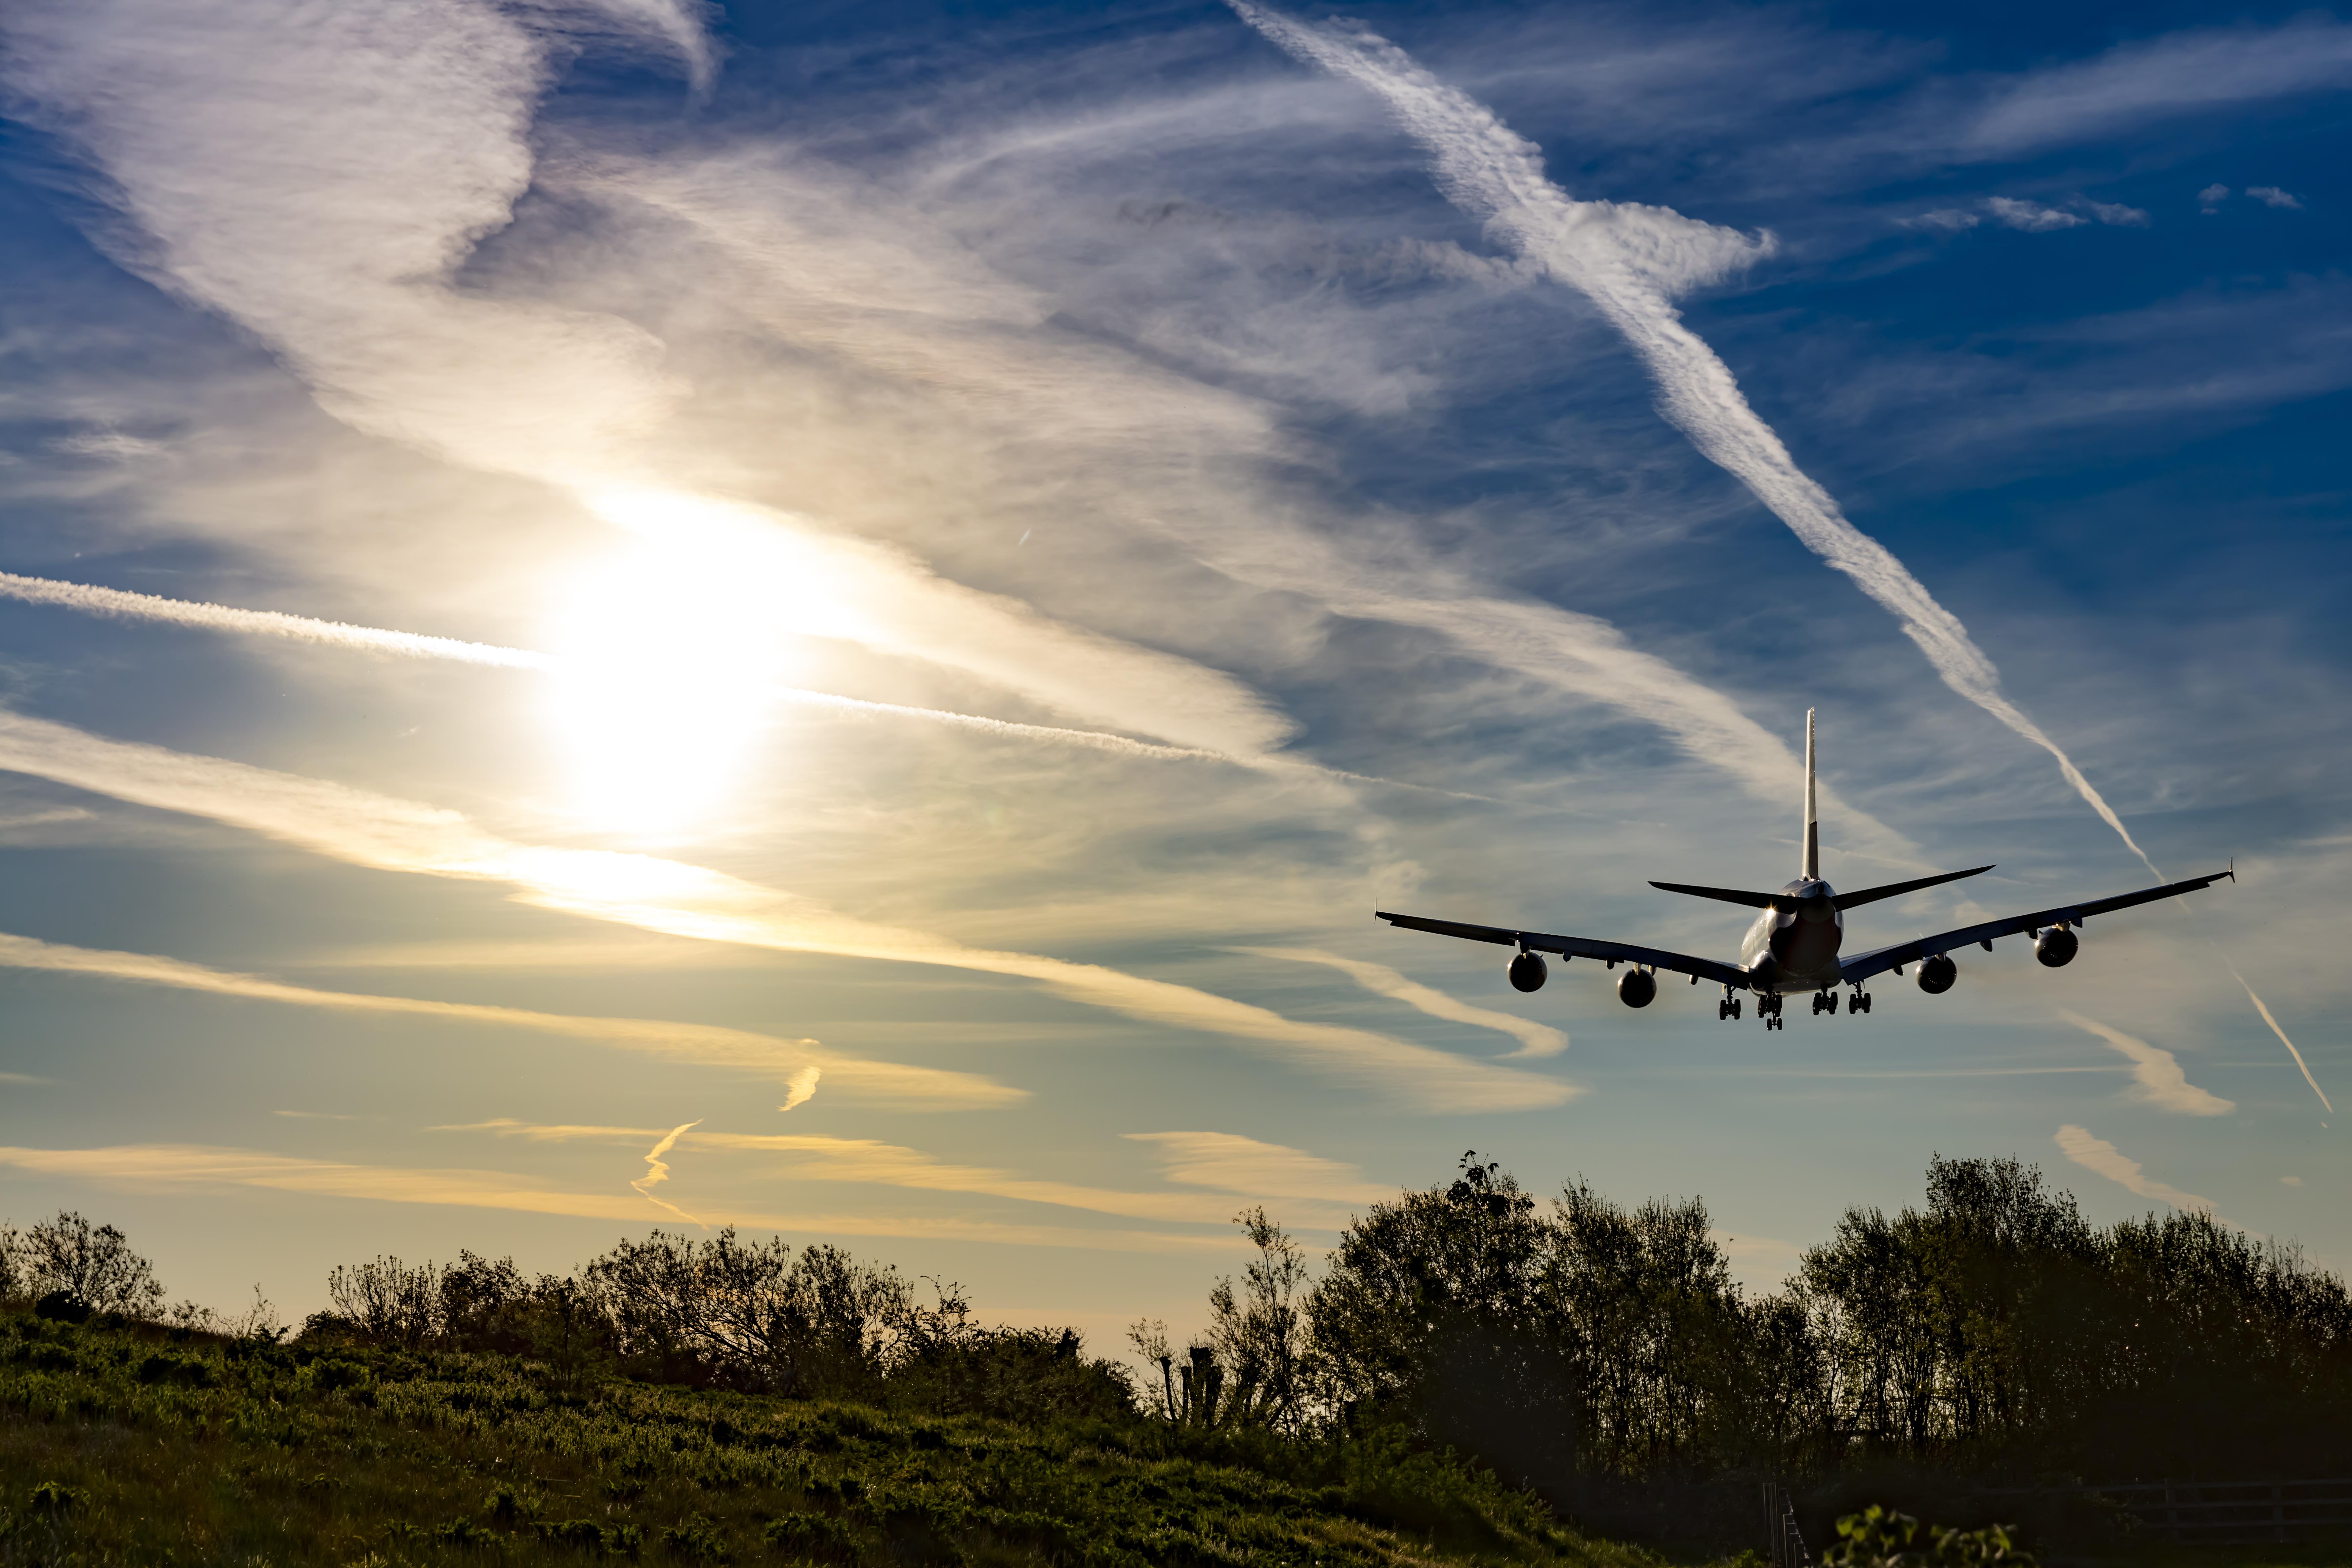 Der kan være stor forskel på resultaterne hos flyprisportalerne, viser ny undersøgelse fra Forbrugerrådet Tænk. (Foto: © Thorbjørn Brunander Sund, Danish Aviation Photo)